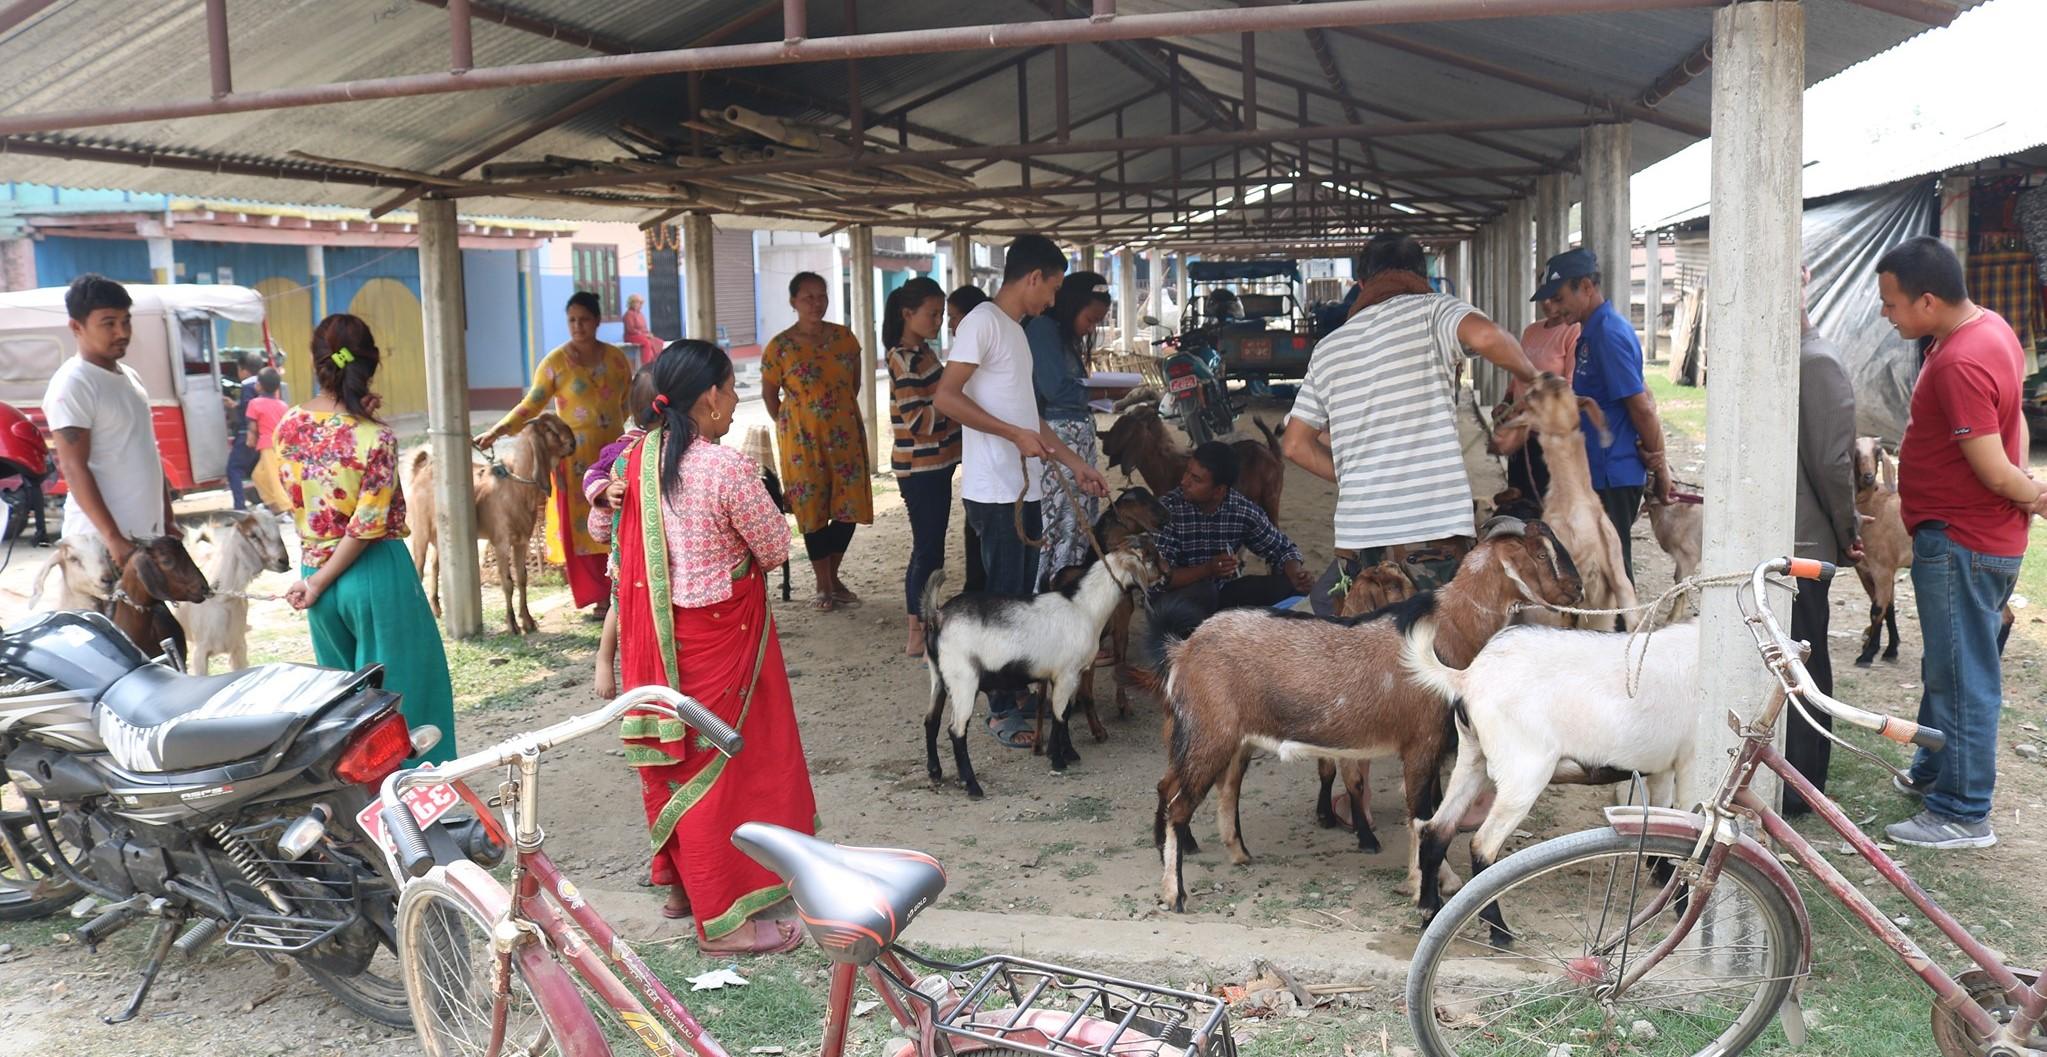 नगरमा १५ हजार बाख्रालाई पीपीआर खोप